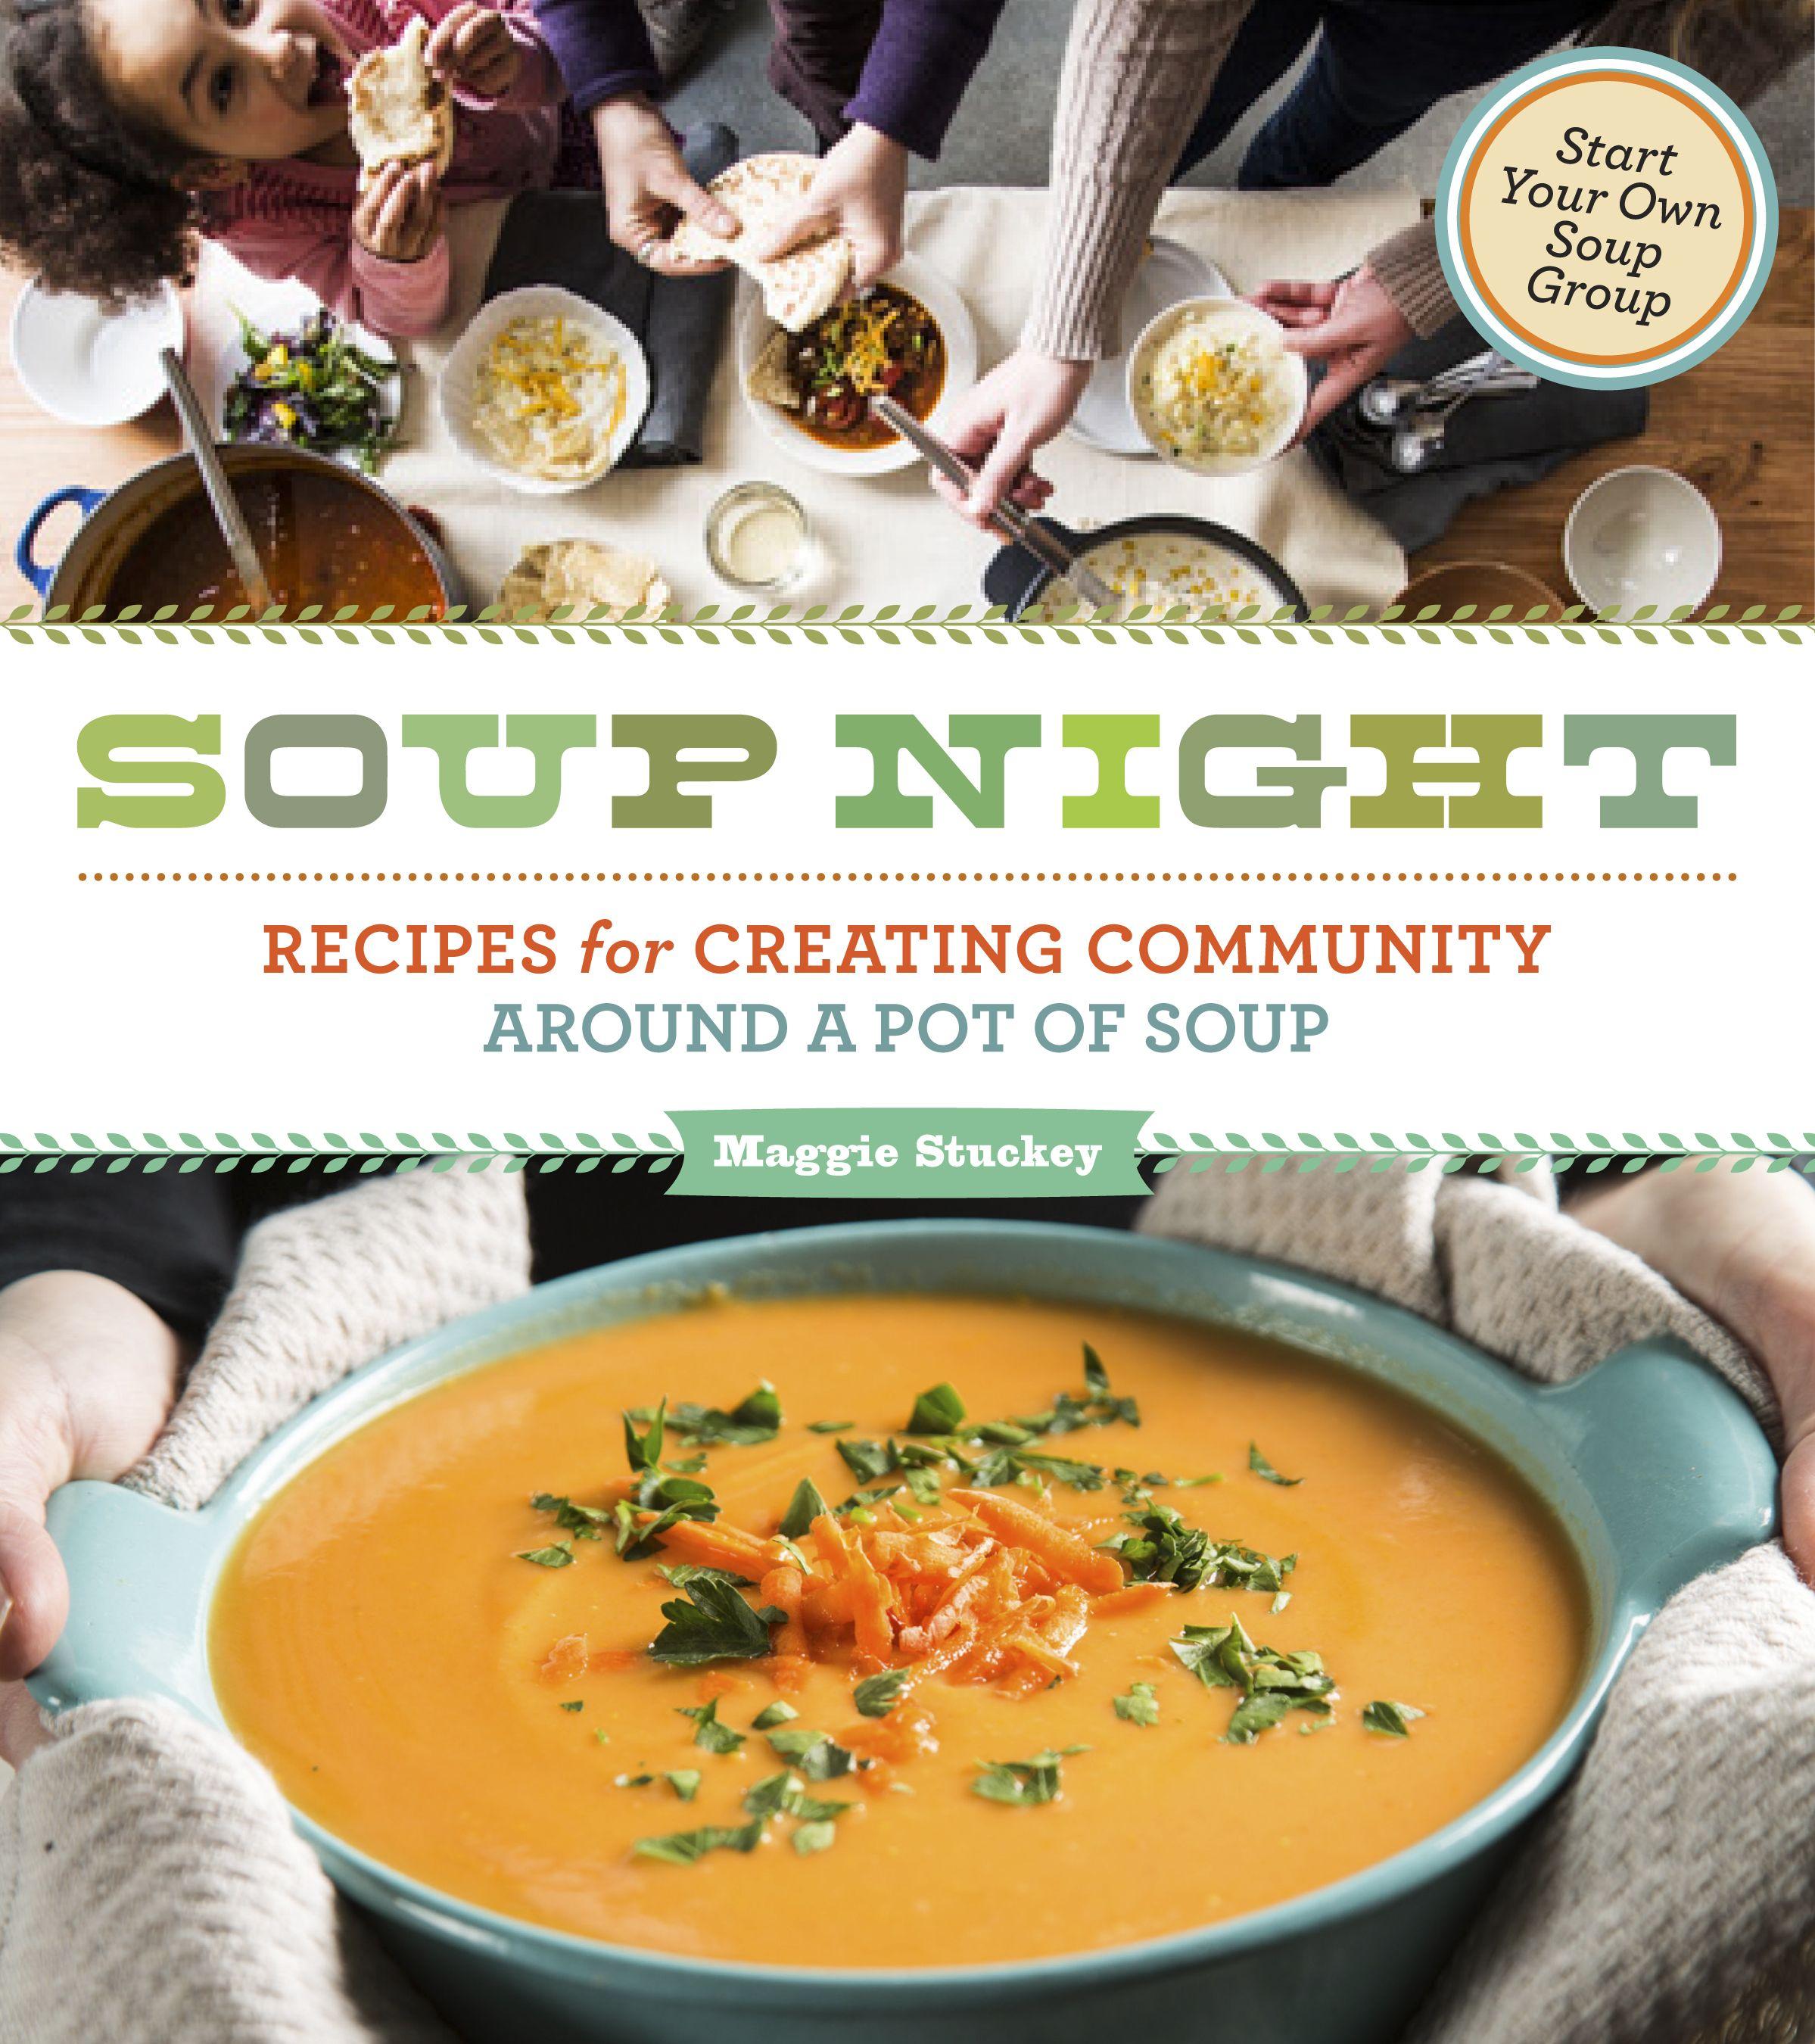 www.storey.com/books/soup-night